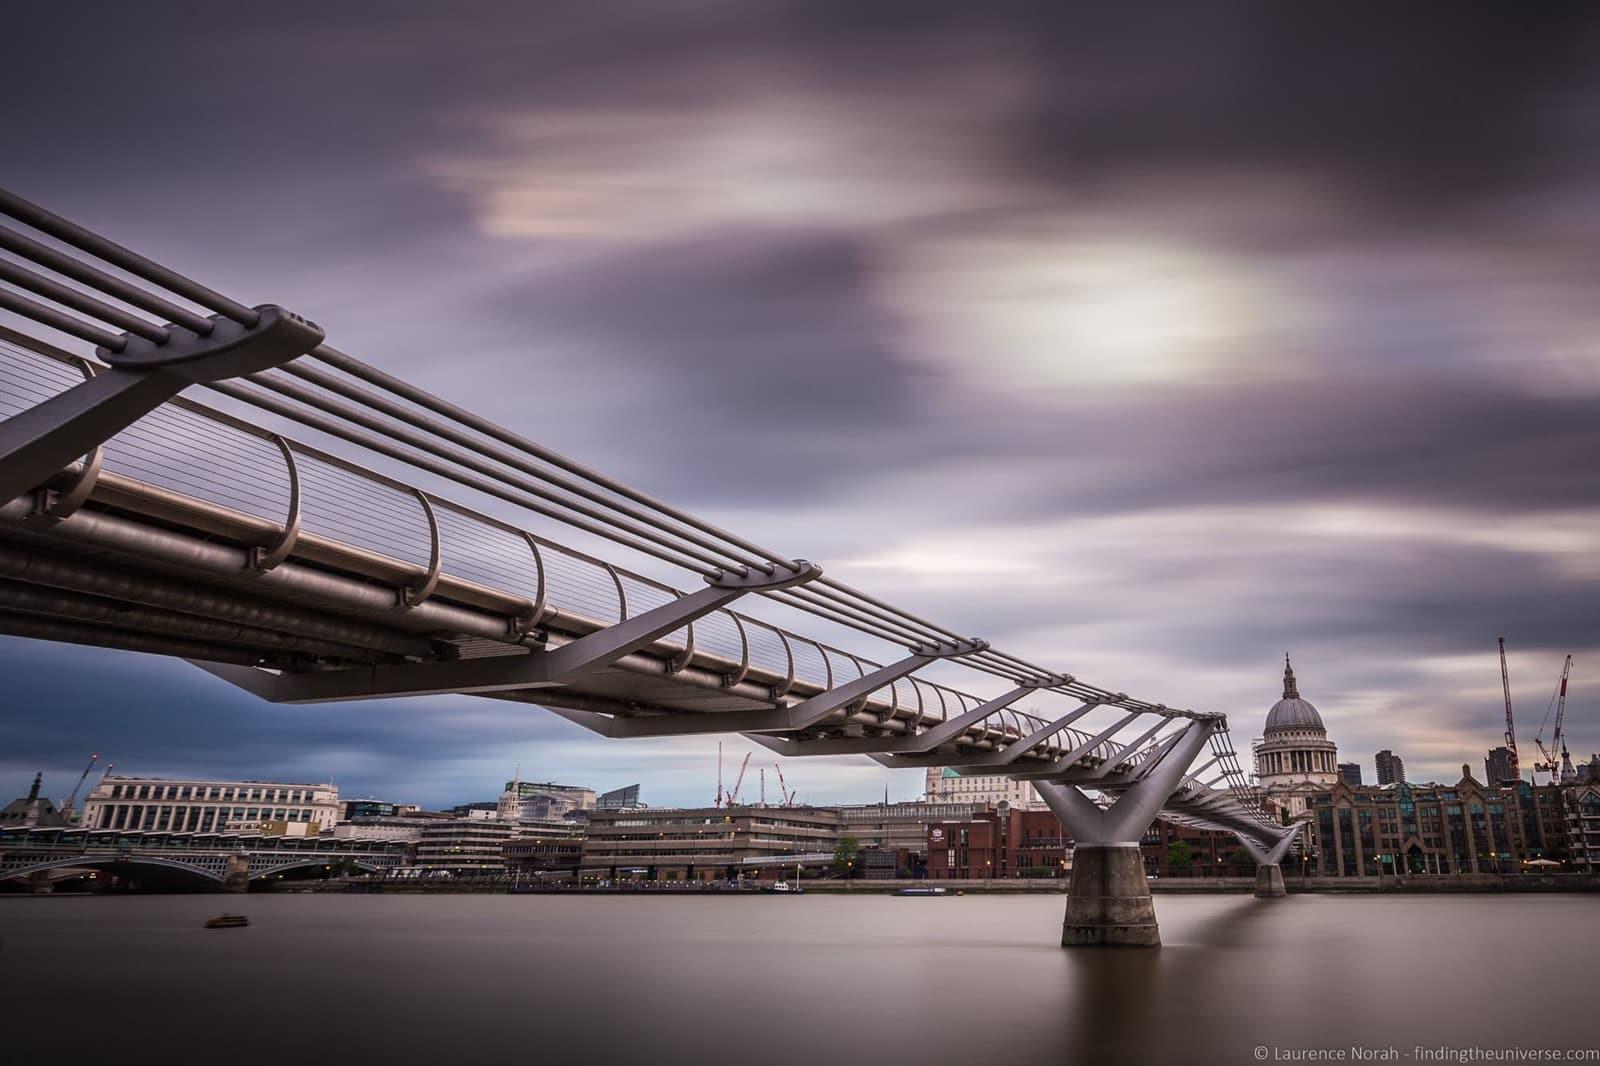 [Harry+Potter+Filming+Location+London+-+Millenium+Bridge_by_Laurence+Norah-3%5B9%5D]